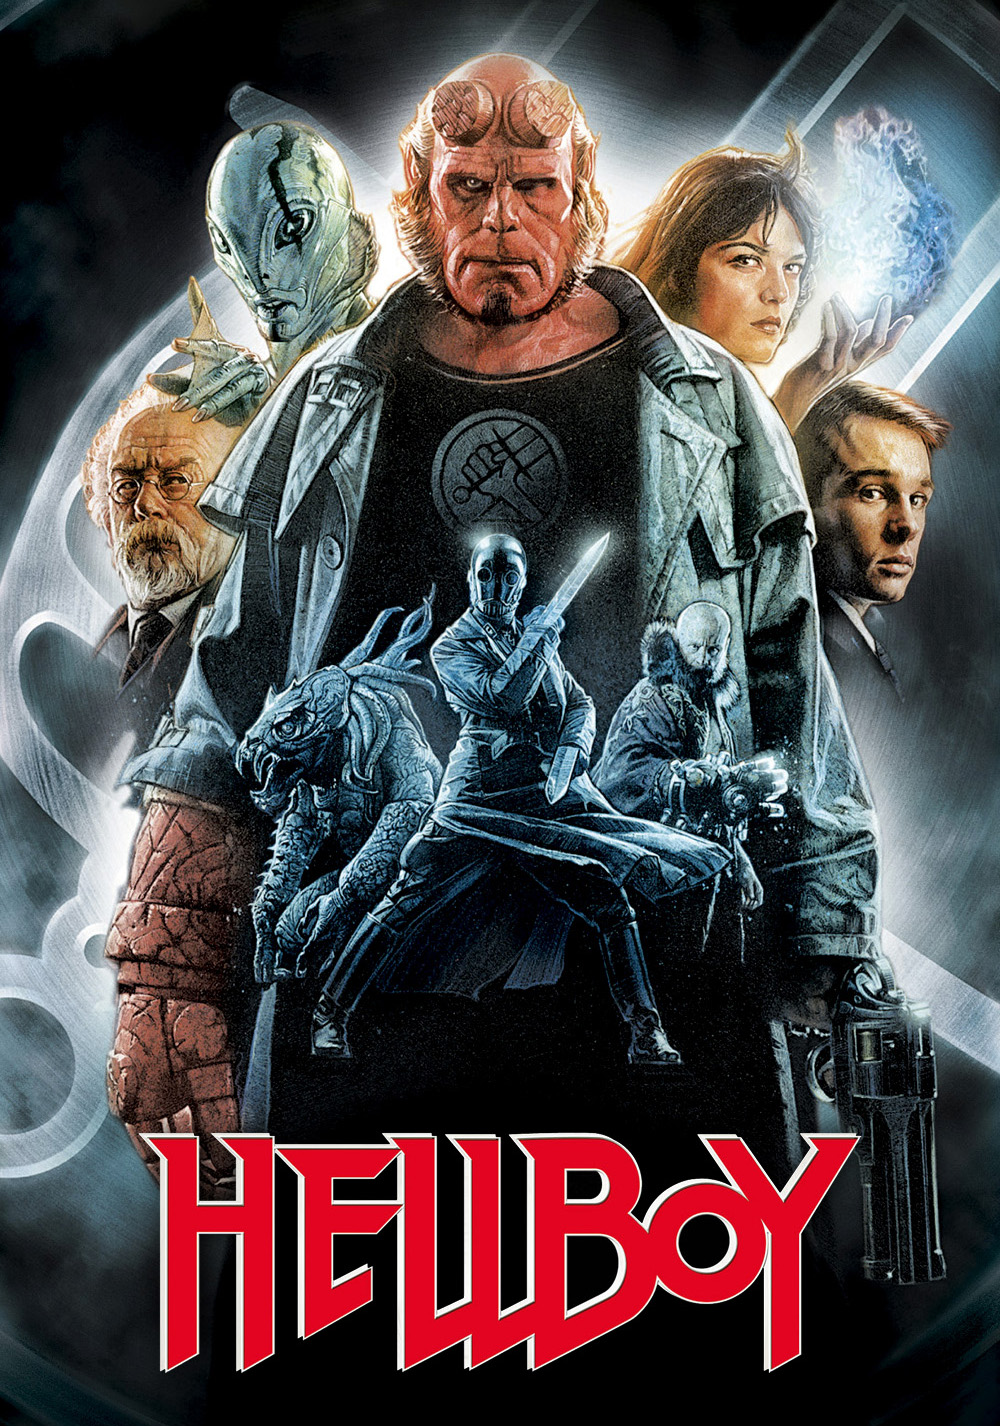 Hellboy | Movie fanart | fanart.tv